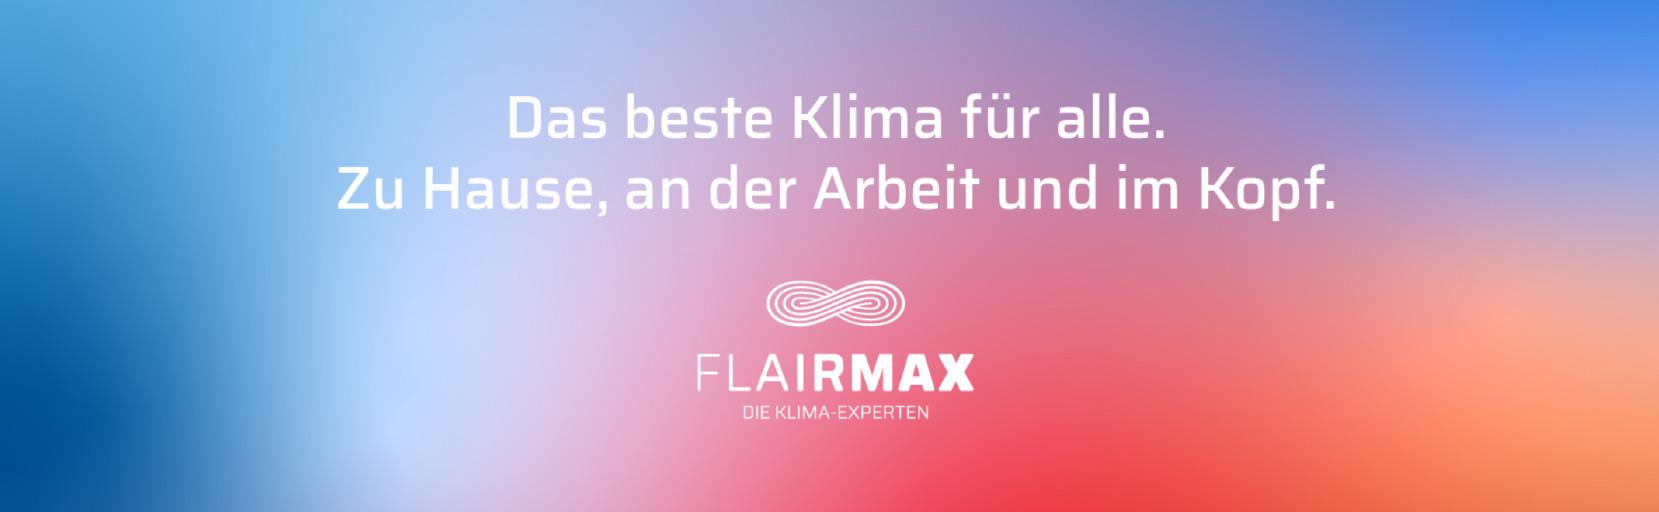 Flairmax-GmbH-Co-KG-Banner